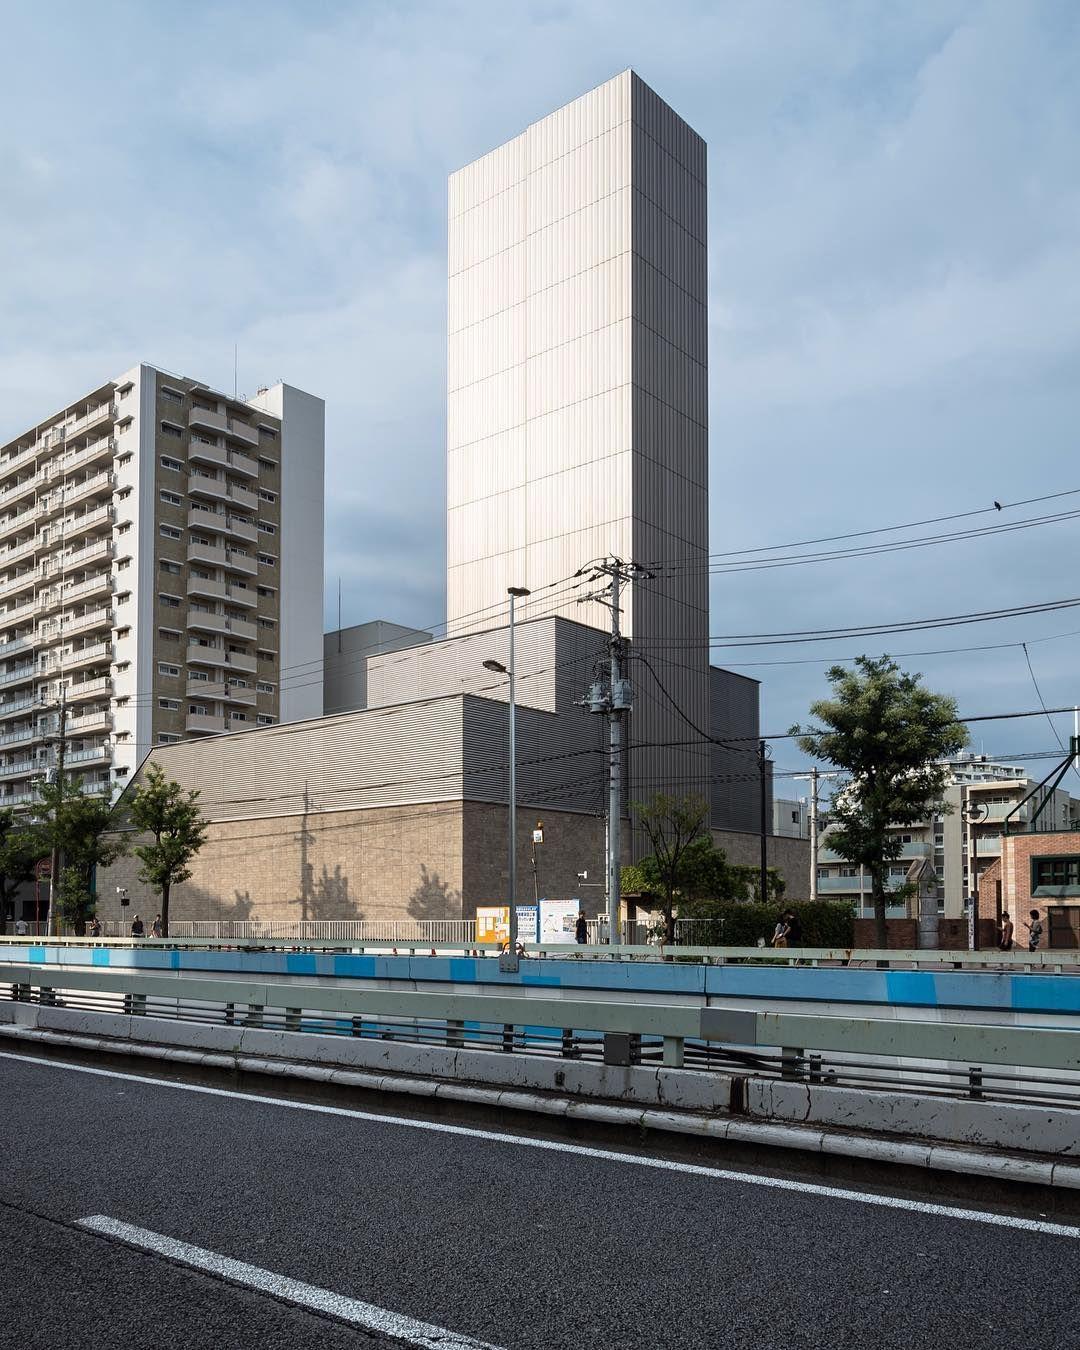 Unique How to Photograph Buildings